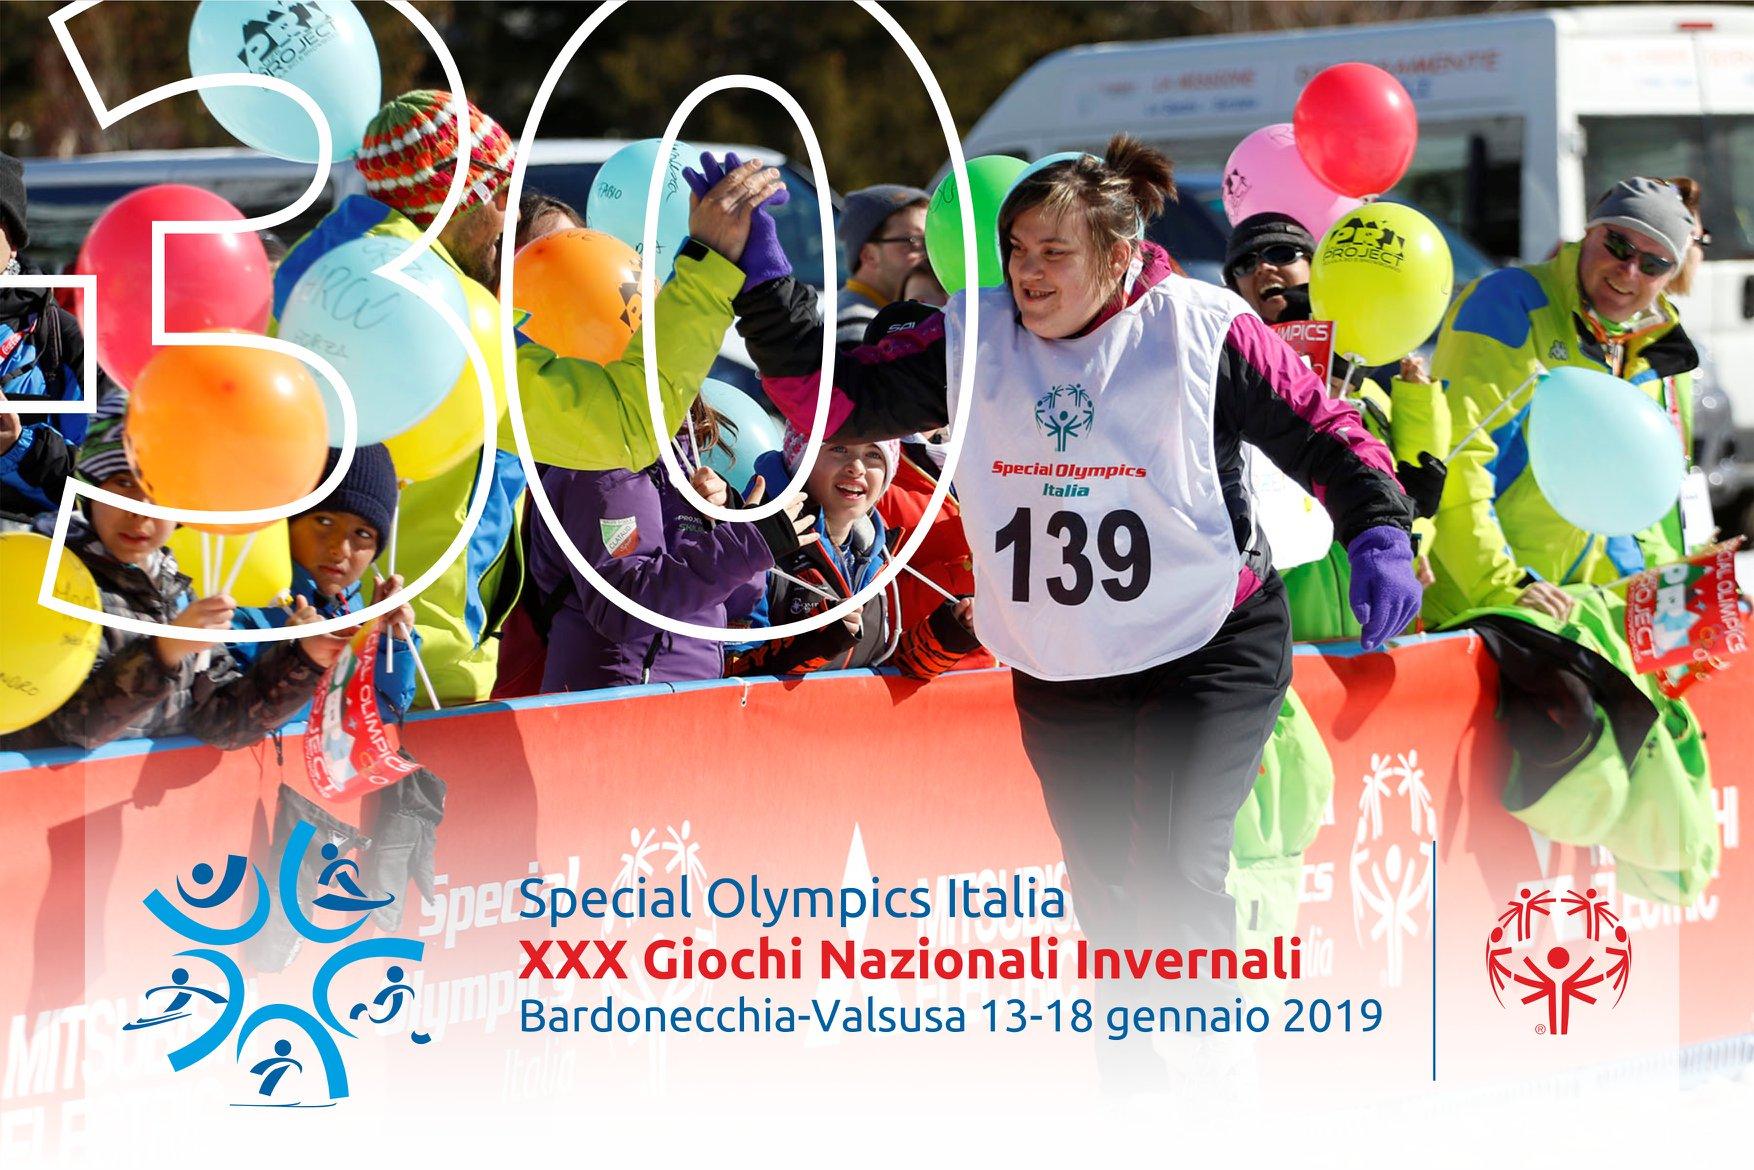 Cosa fare a Bardonecchia dal 14 al 20 gennaio